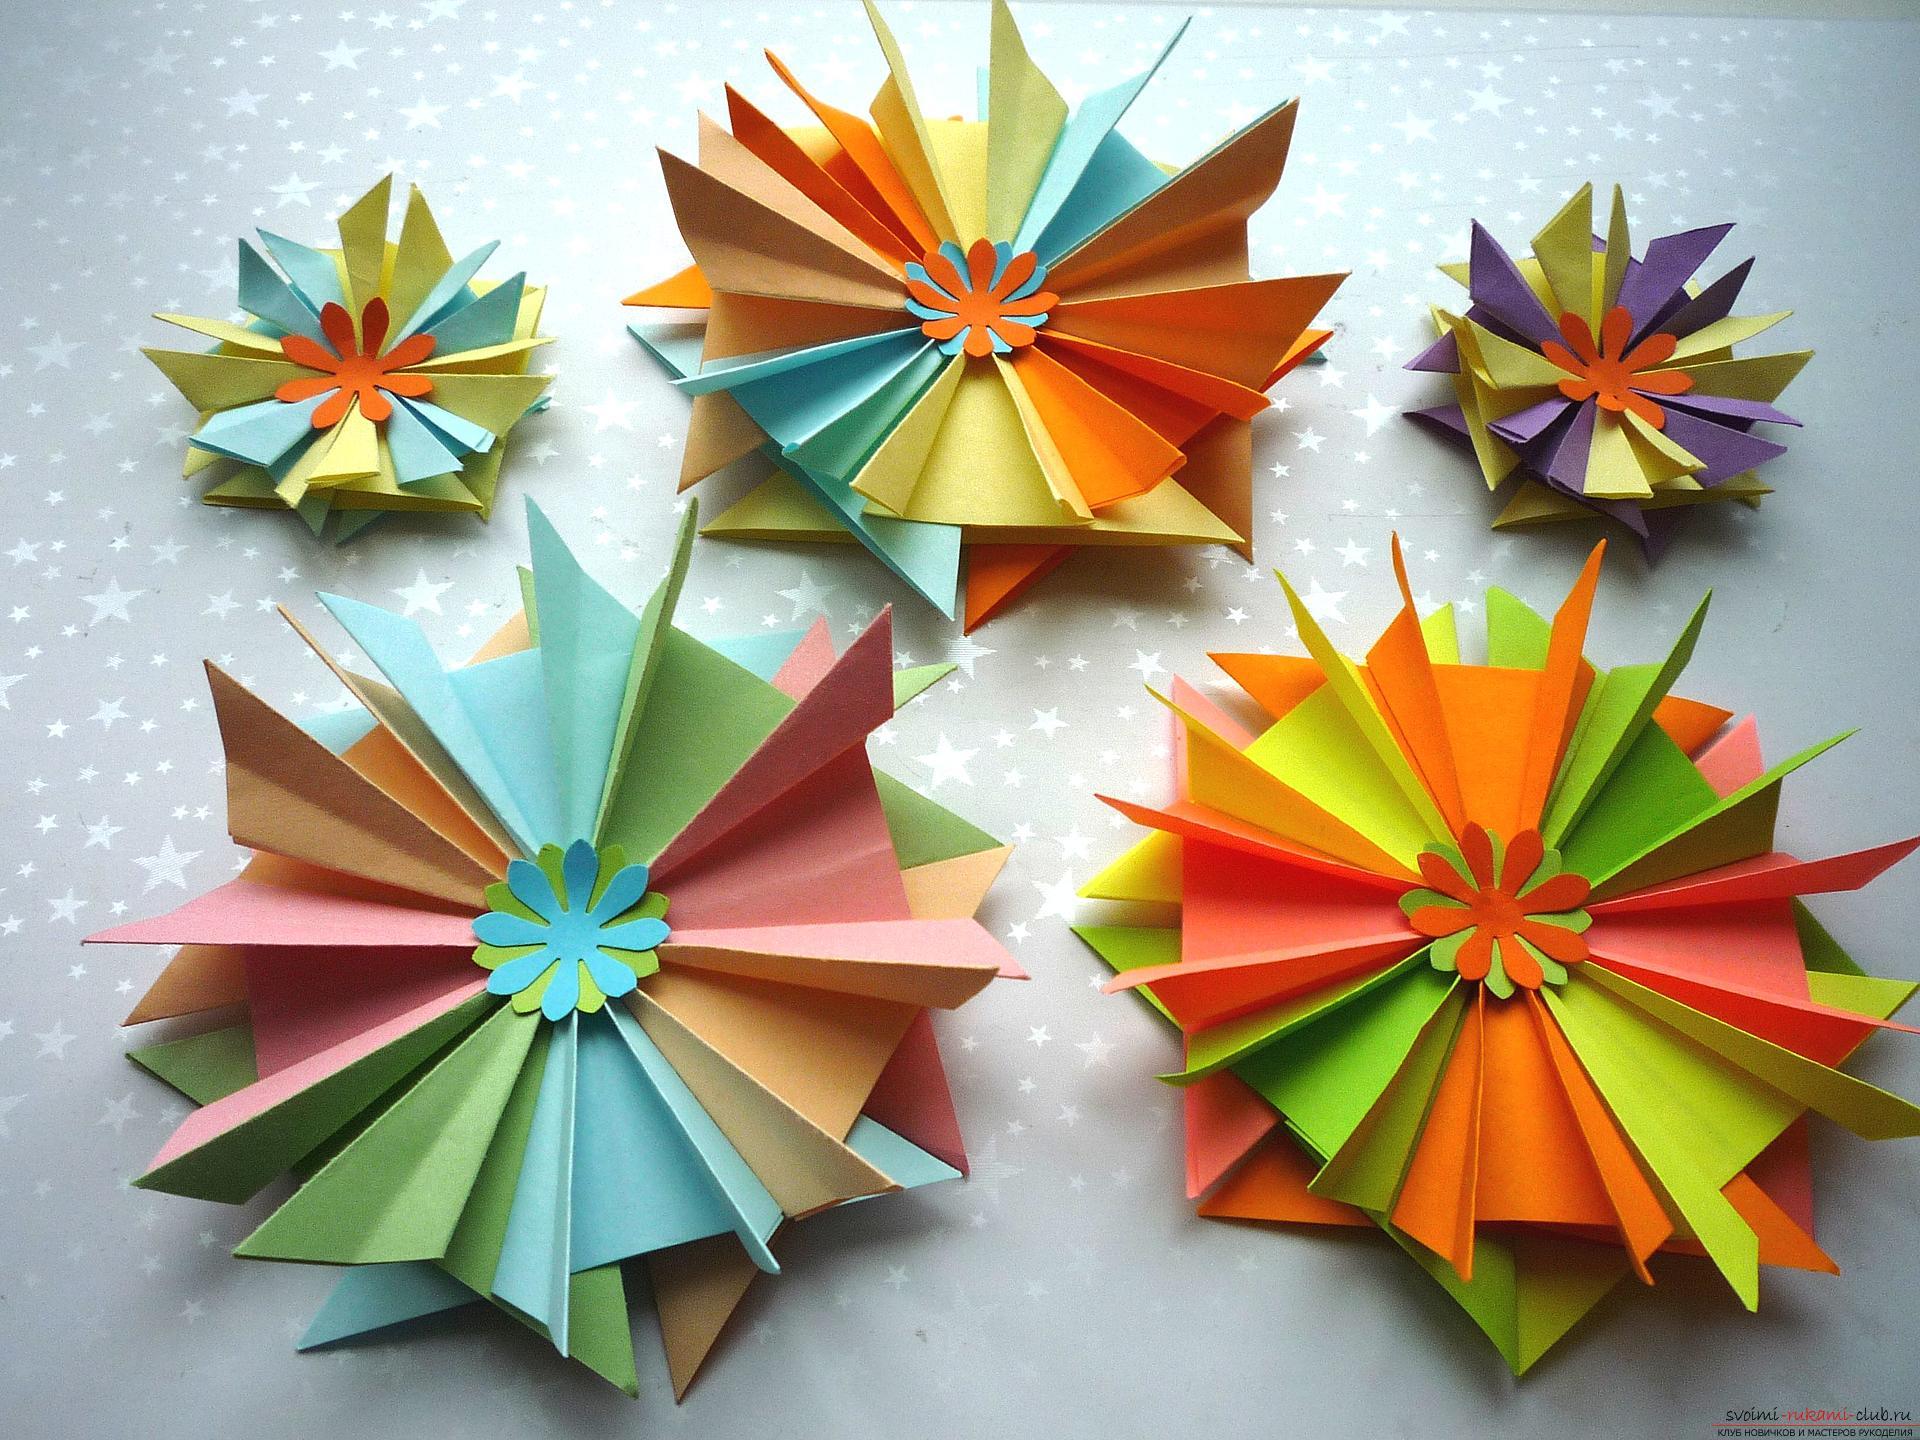 Майсторският клас ще ви каже как да направите модулна звезда от оригами от хартия със собствените си ръце. Снимка номер 15